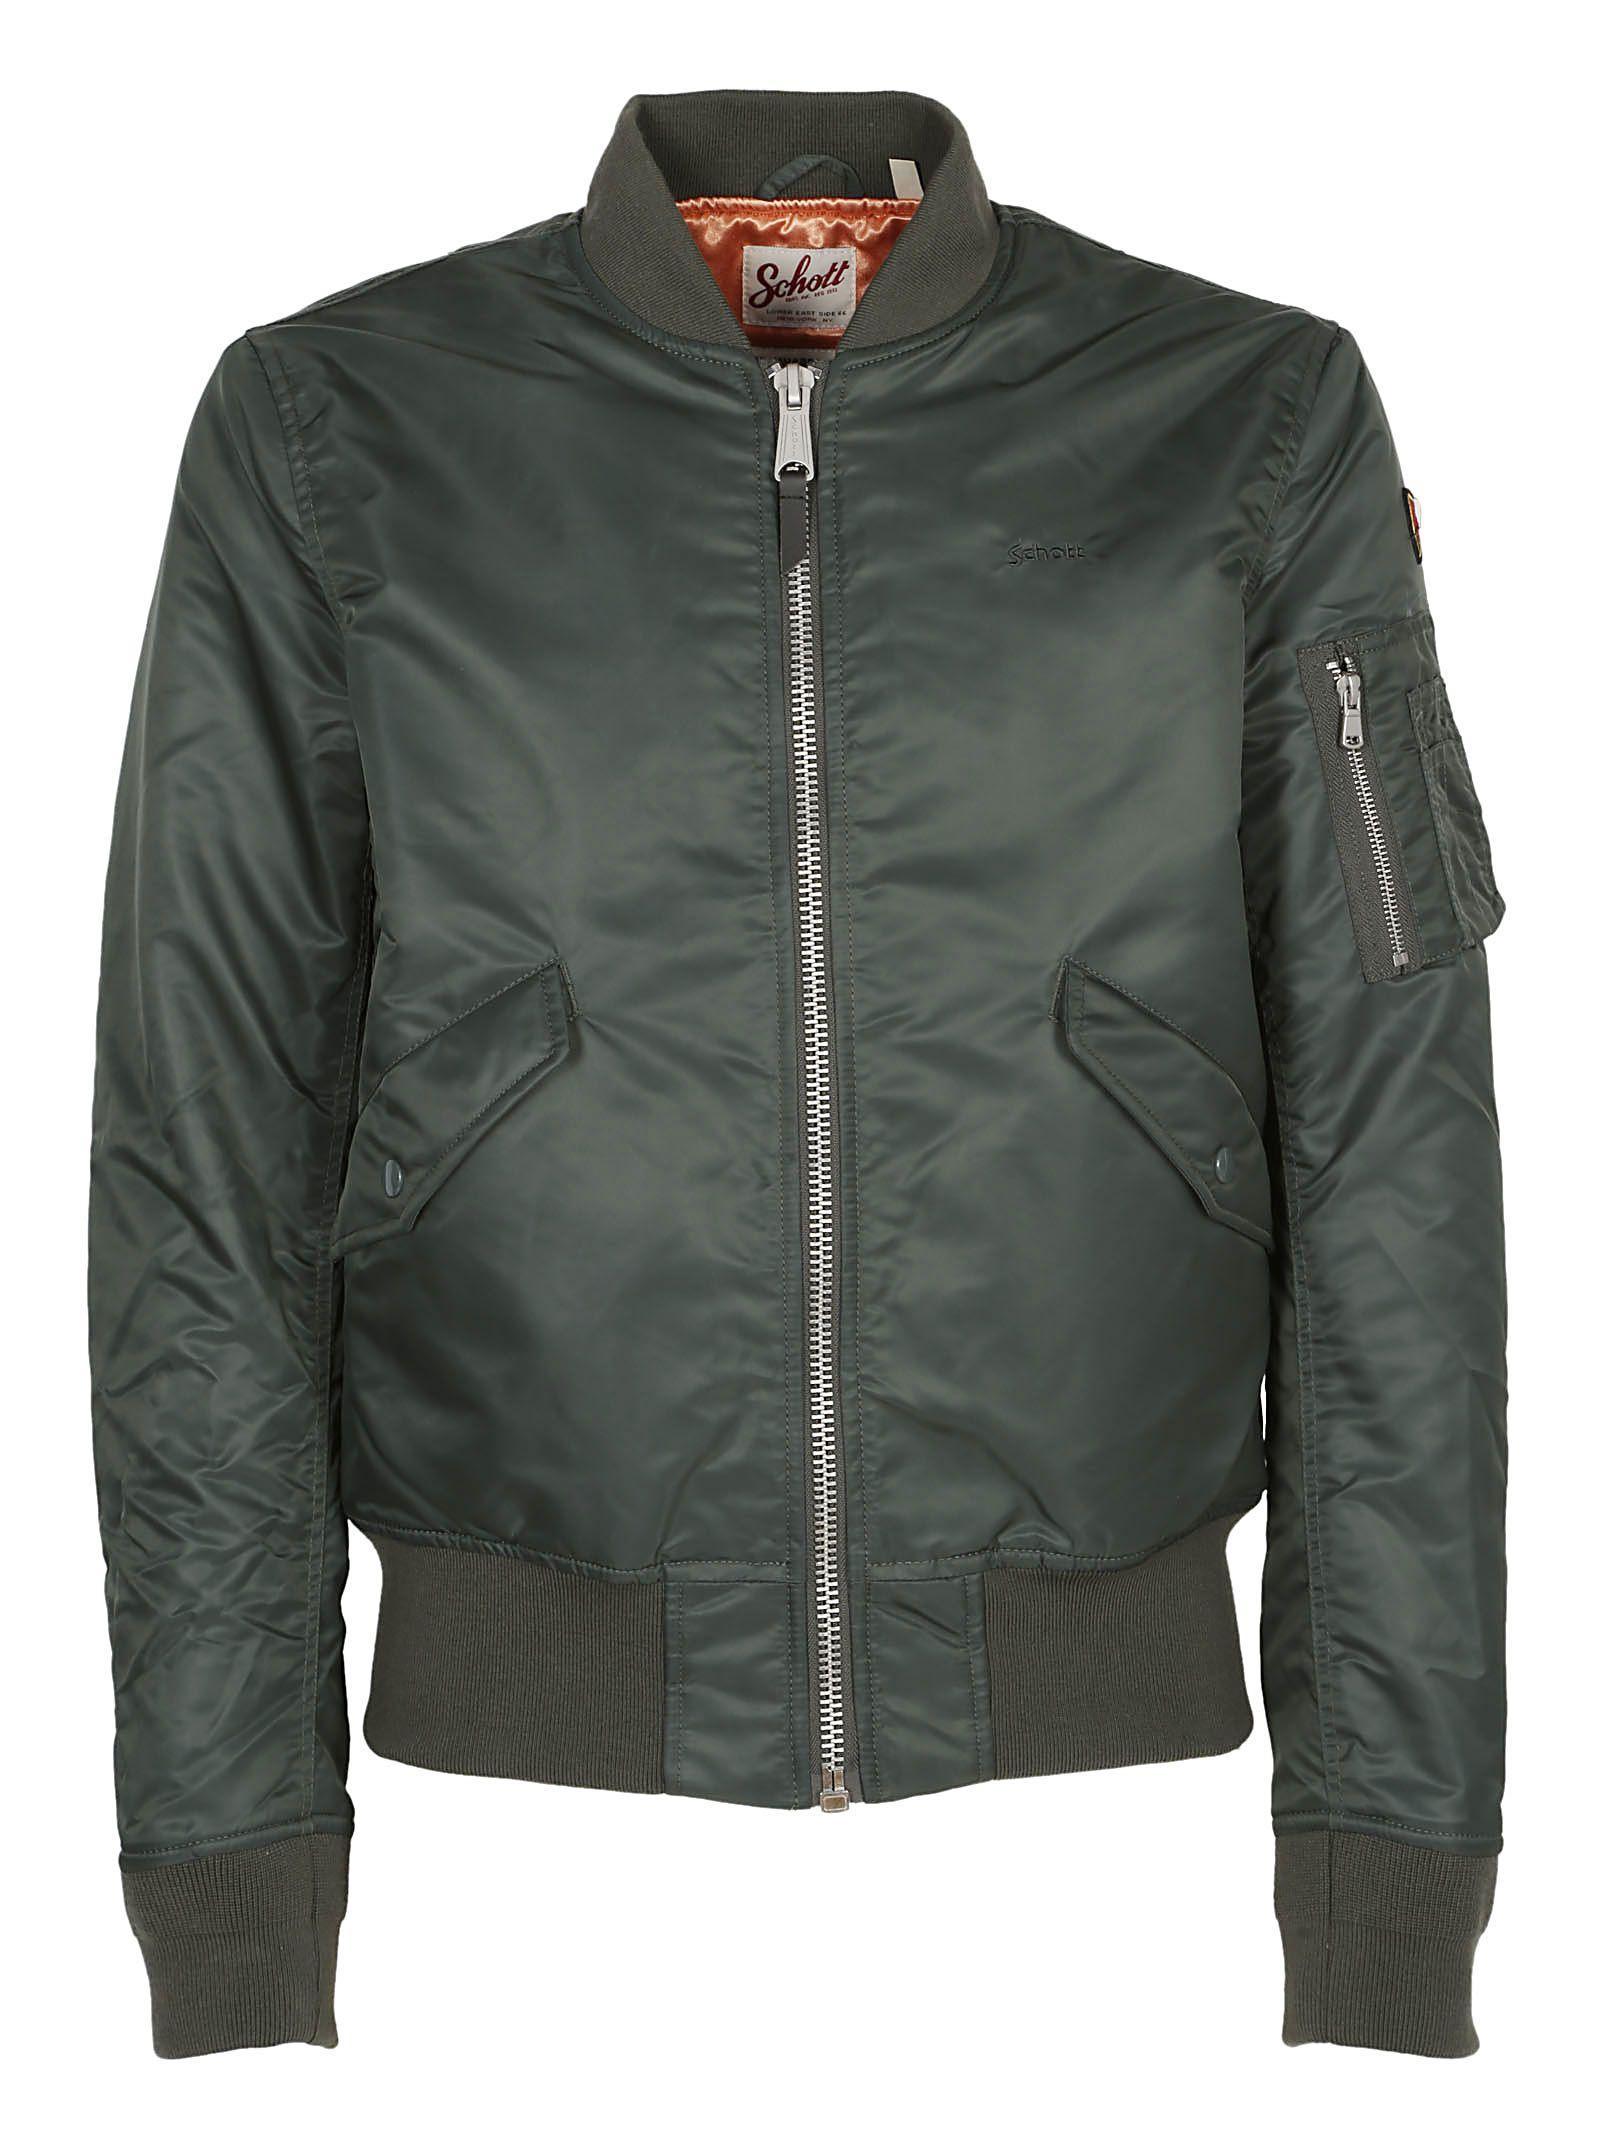 Schott College Bomber Jacket In Dark Green